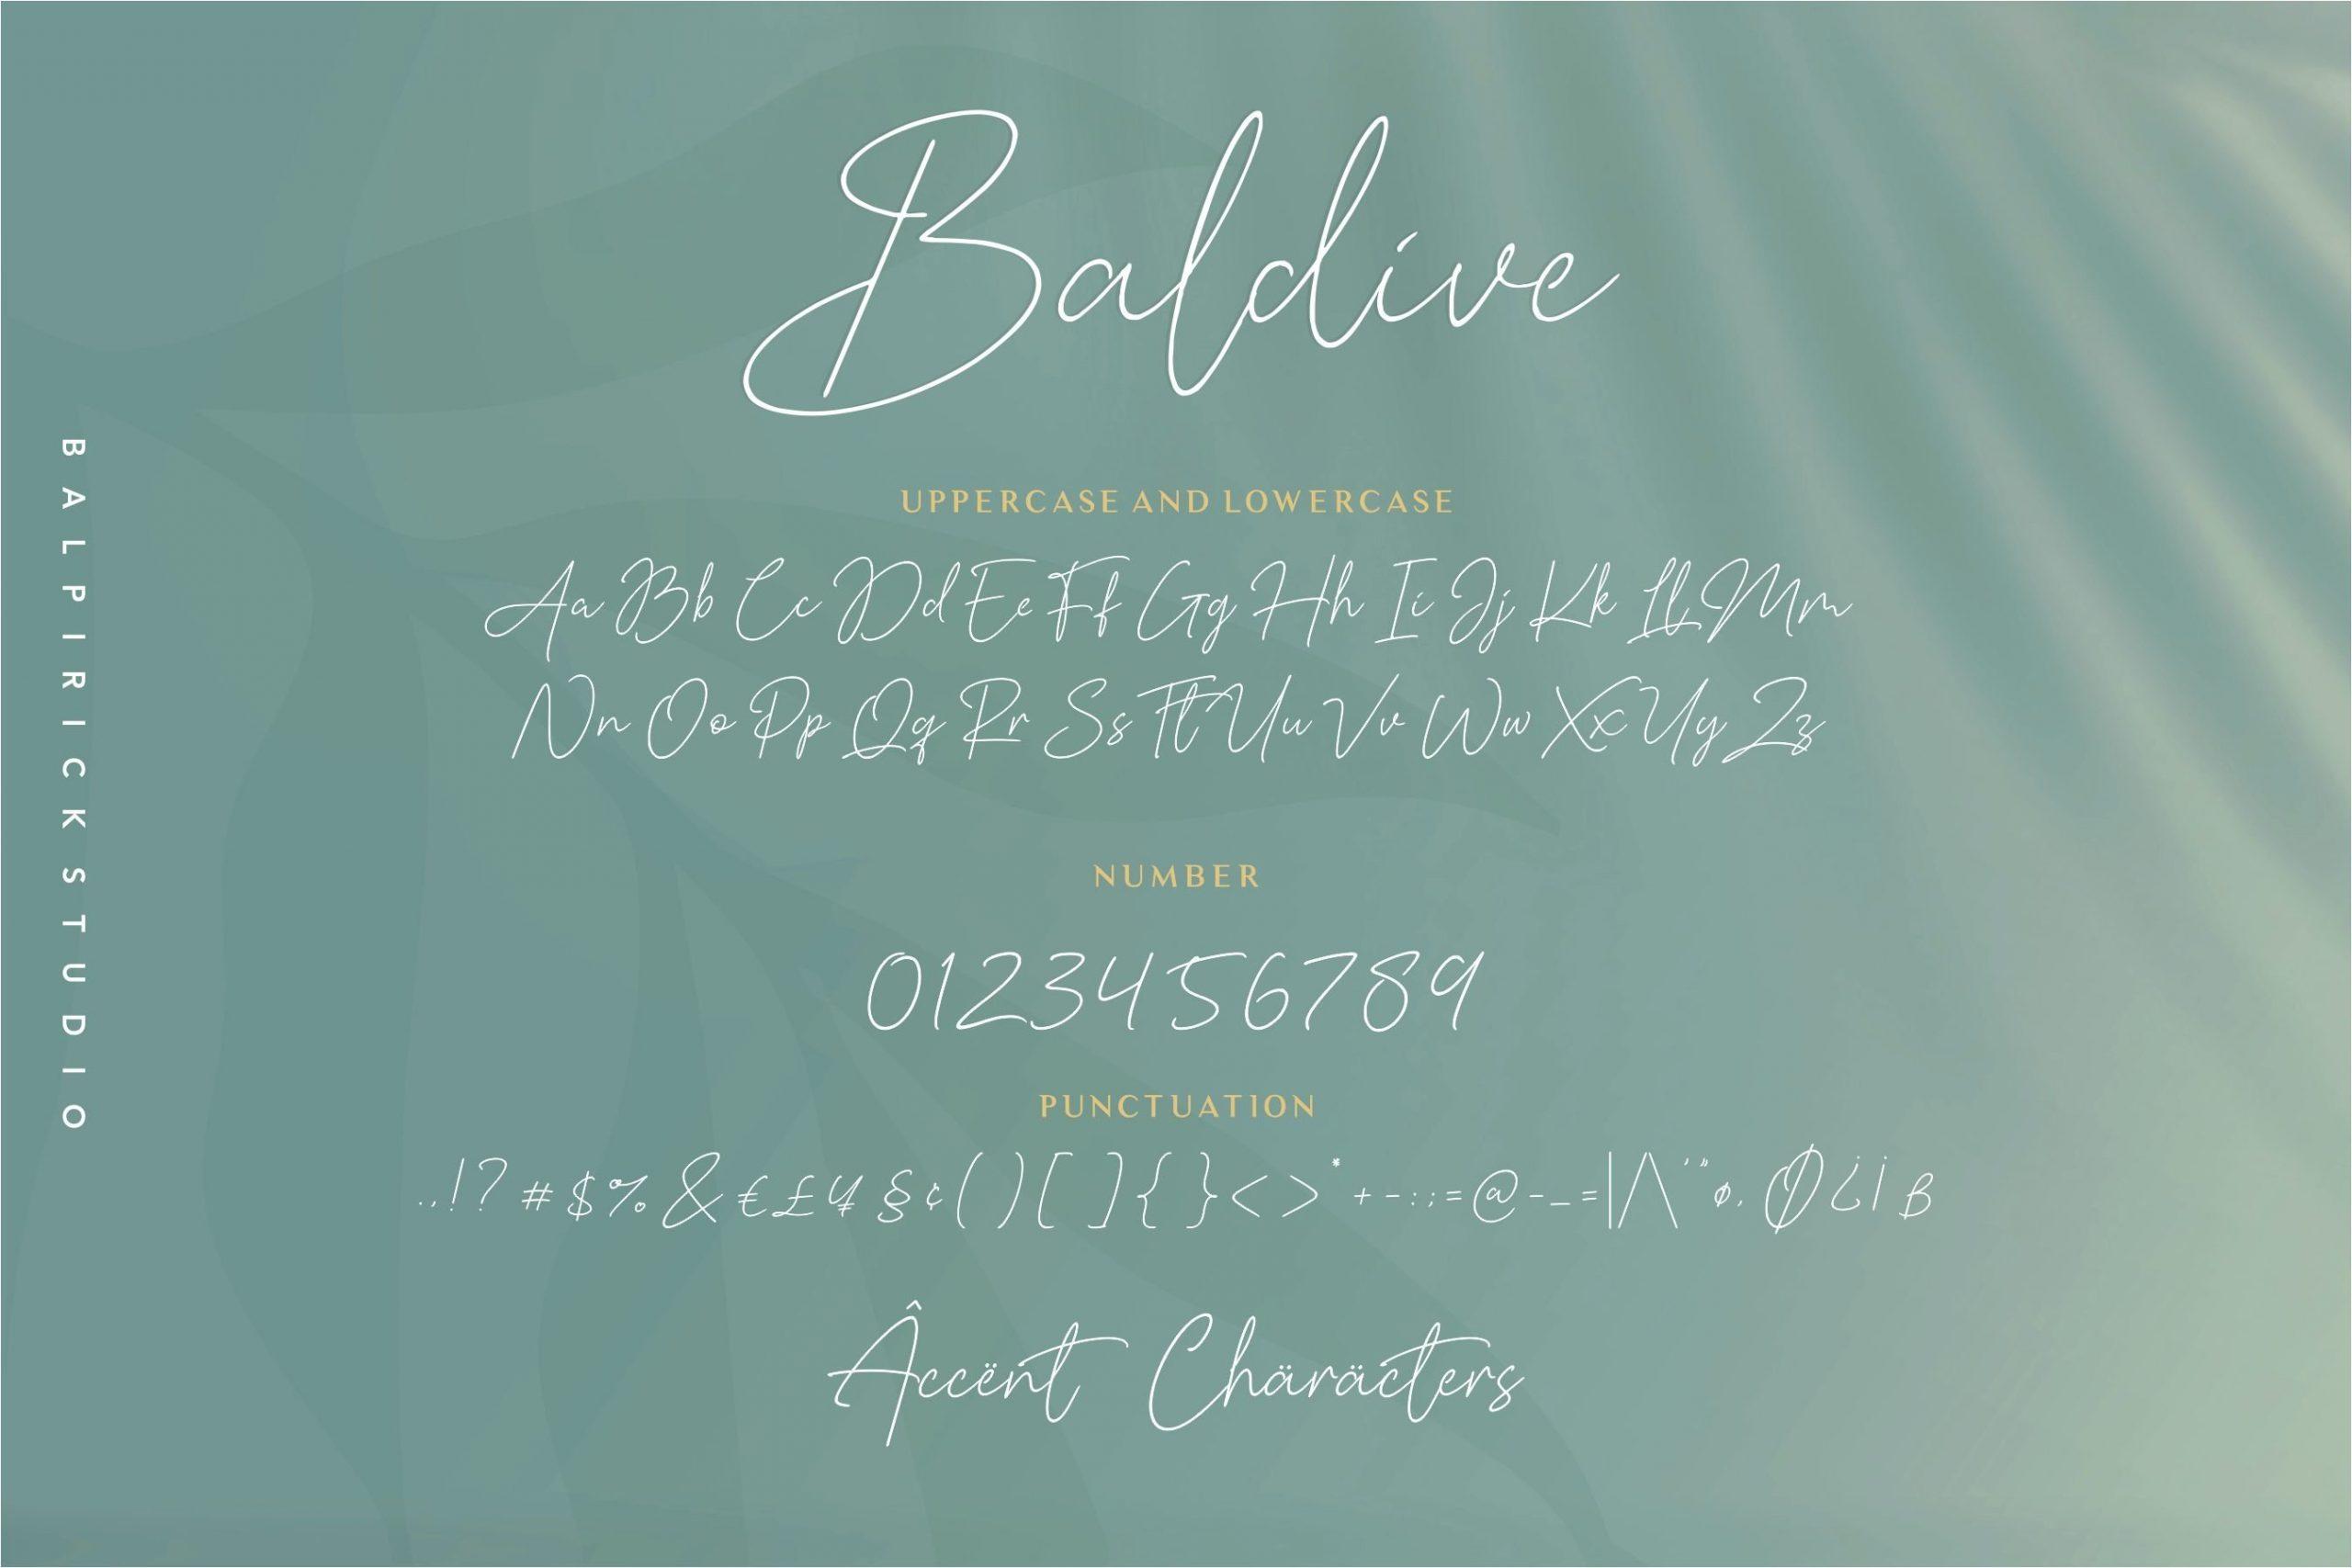 Baldive6